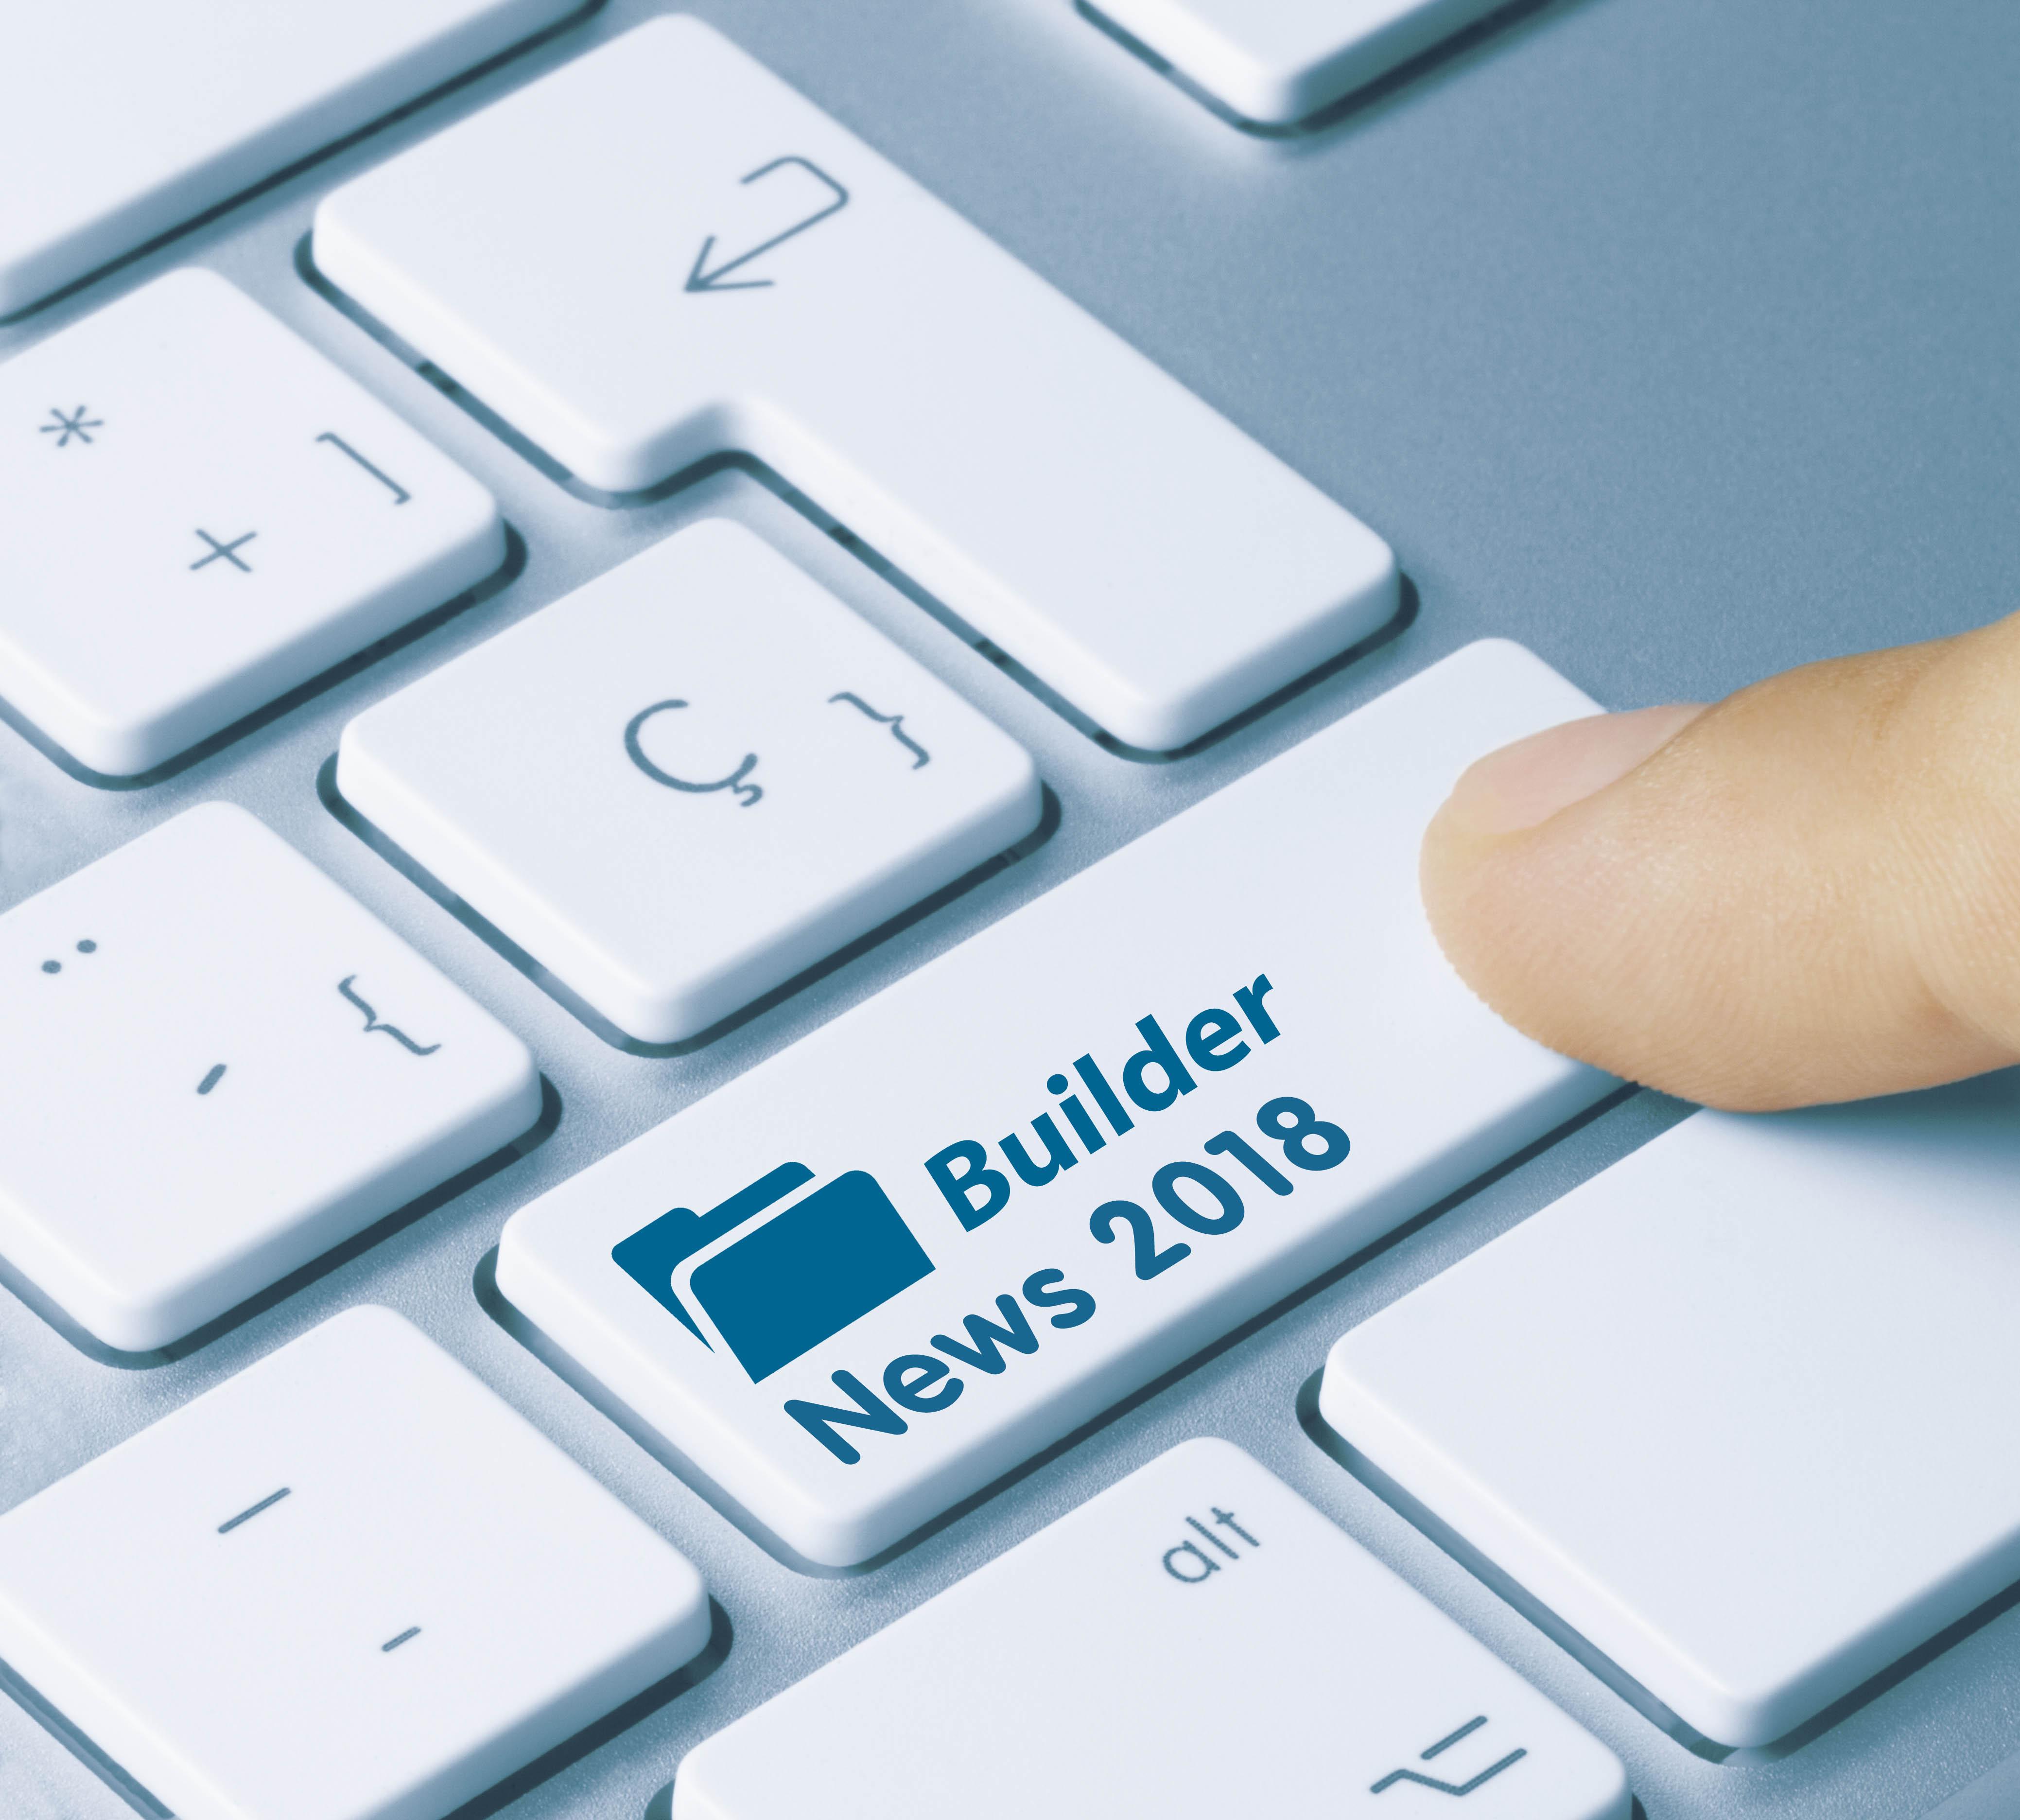 Home Builder News 2018